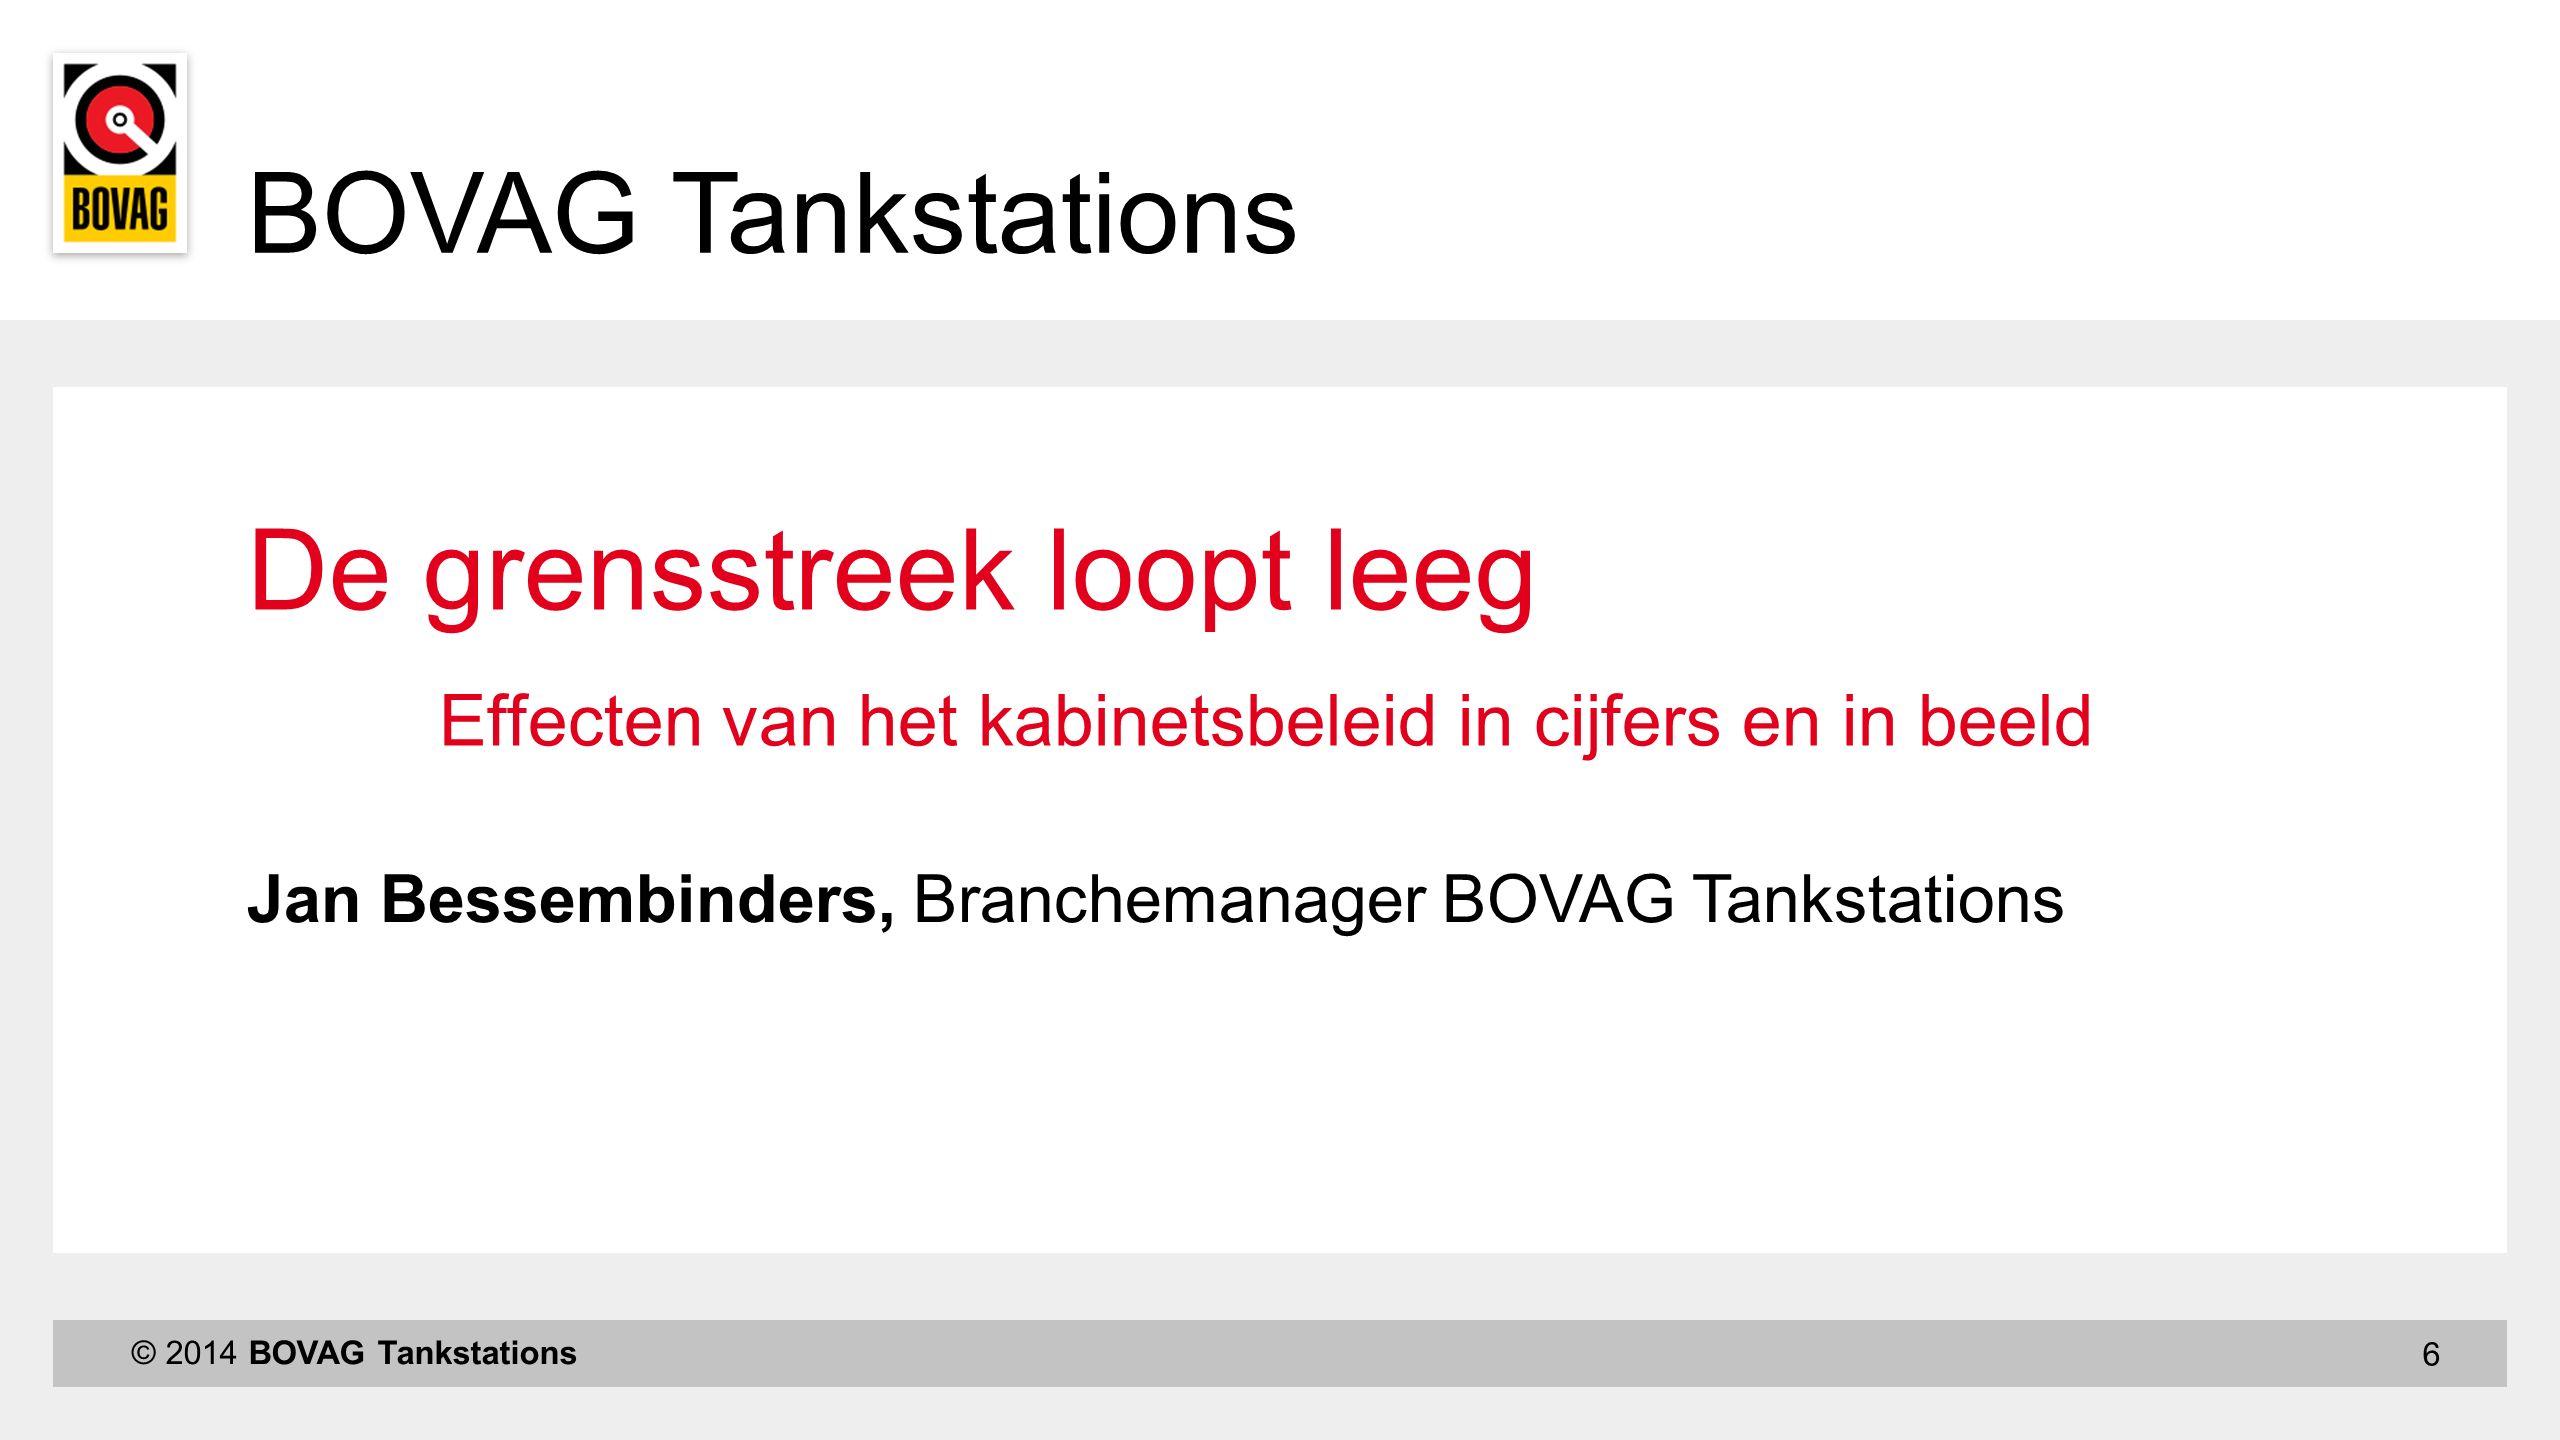 6 © 2014 BOVAG Tankstations Jan Bessembinders, Branchemanager BOVAG Tankstations De grensstreek loopt leeg Effecten van het kabinetsbeleid in cijfers en in beeld BOVAG Tankstations